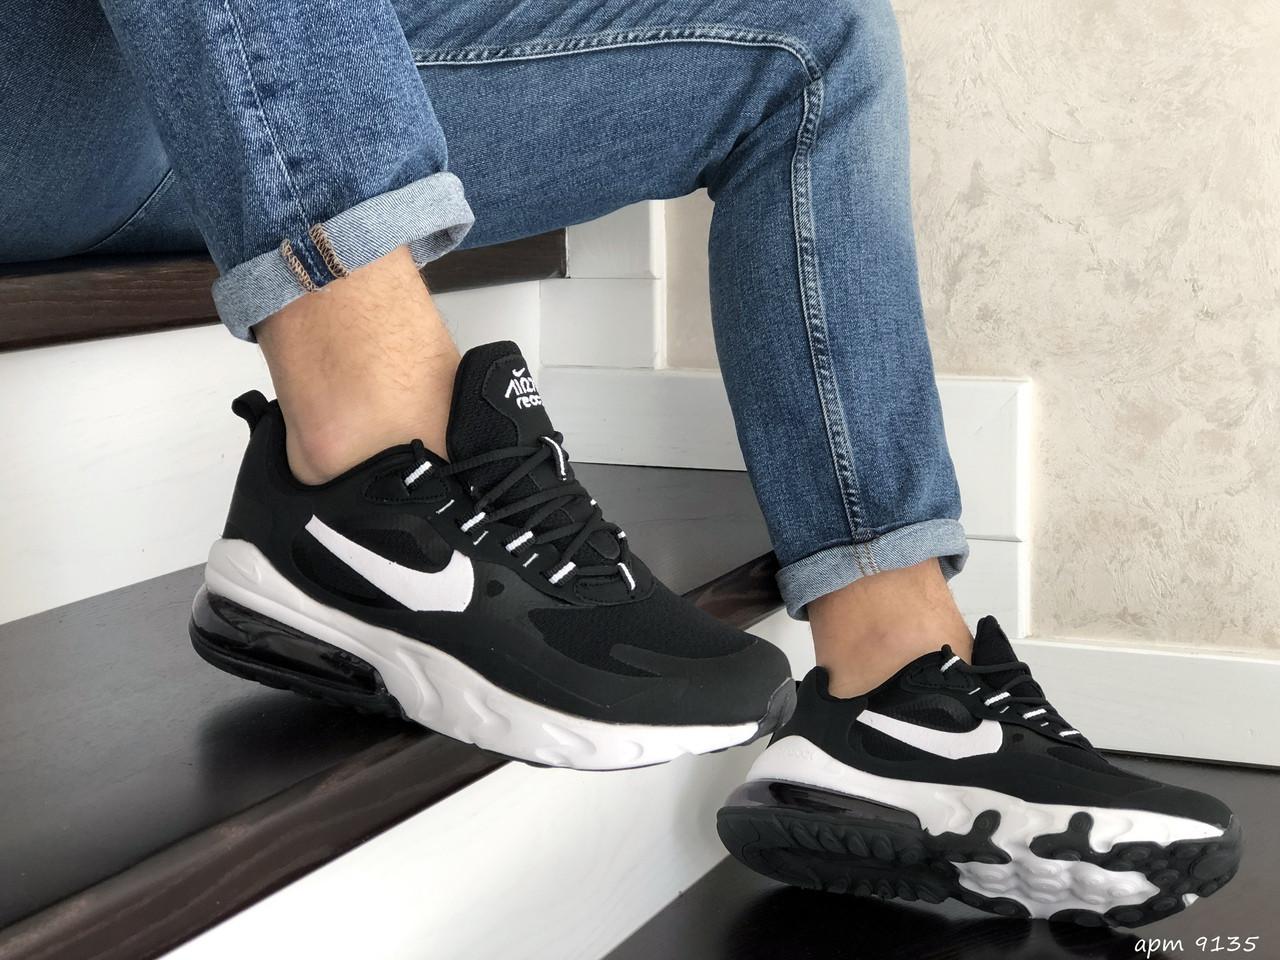 Чоловічі кросівки Nike Air Max 270 React (чорно-білі) 9135